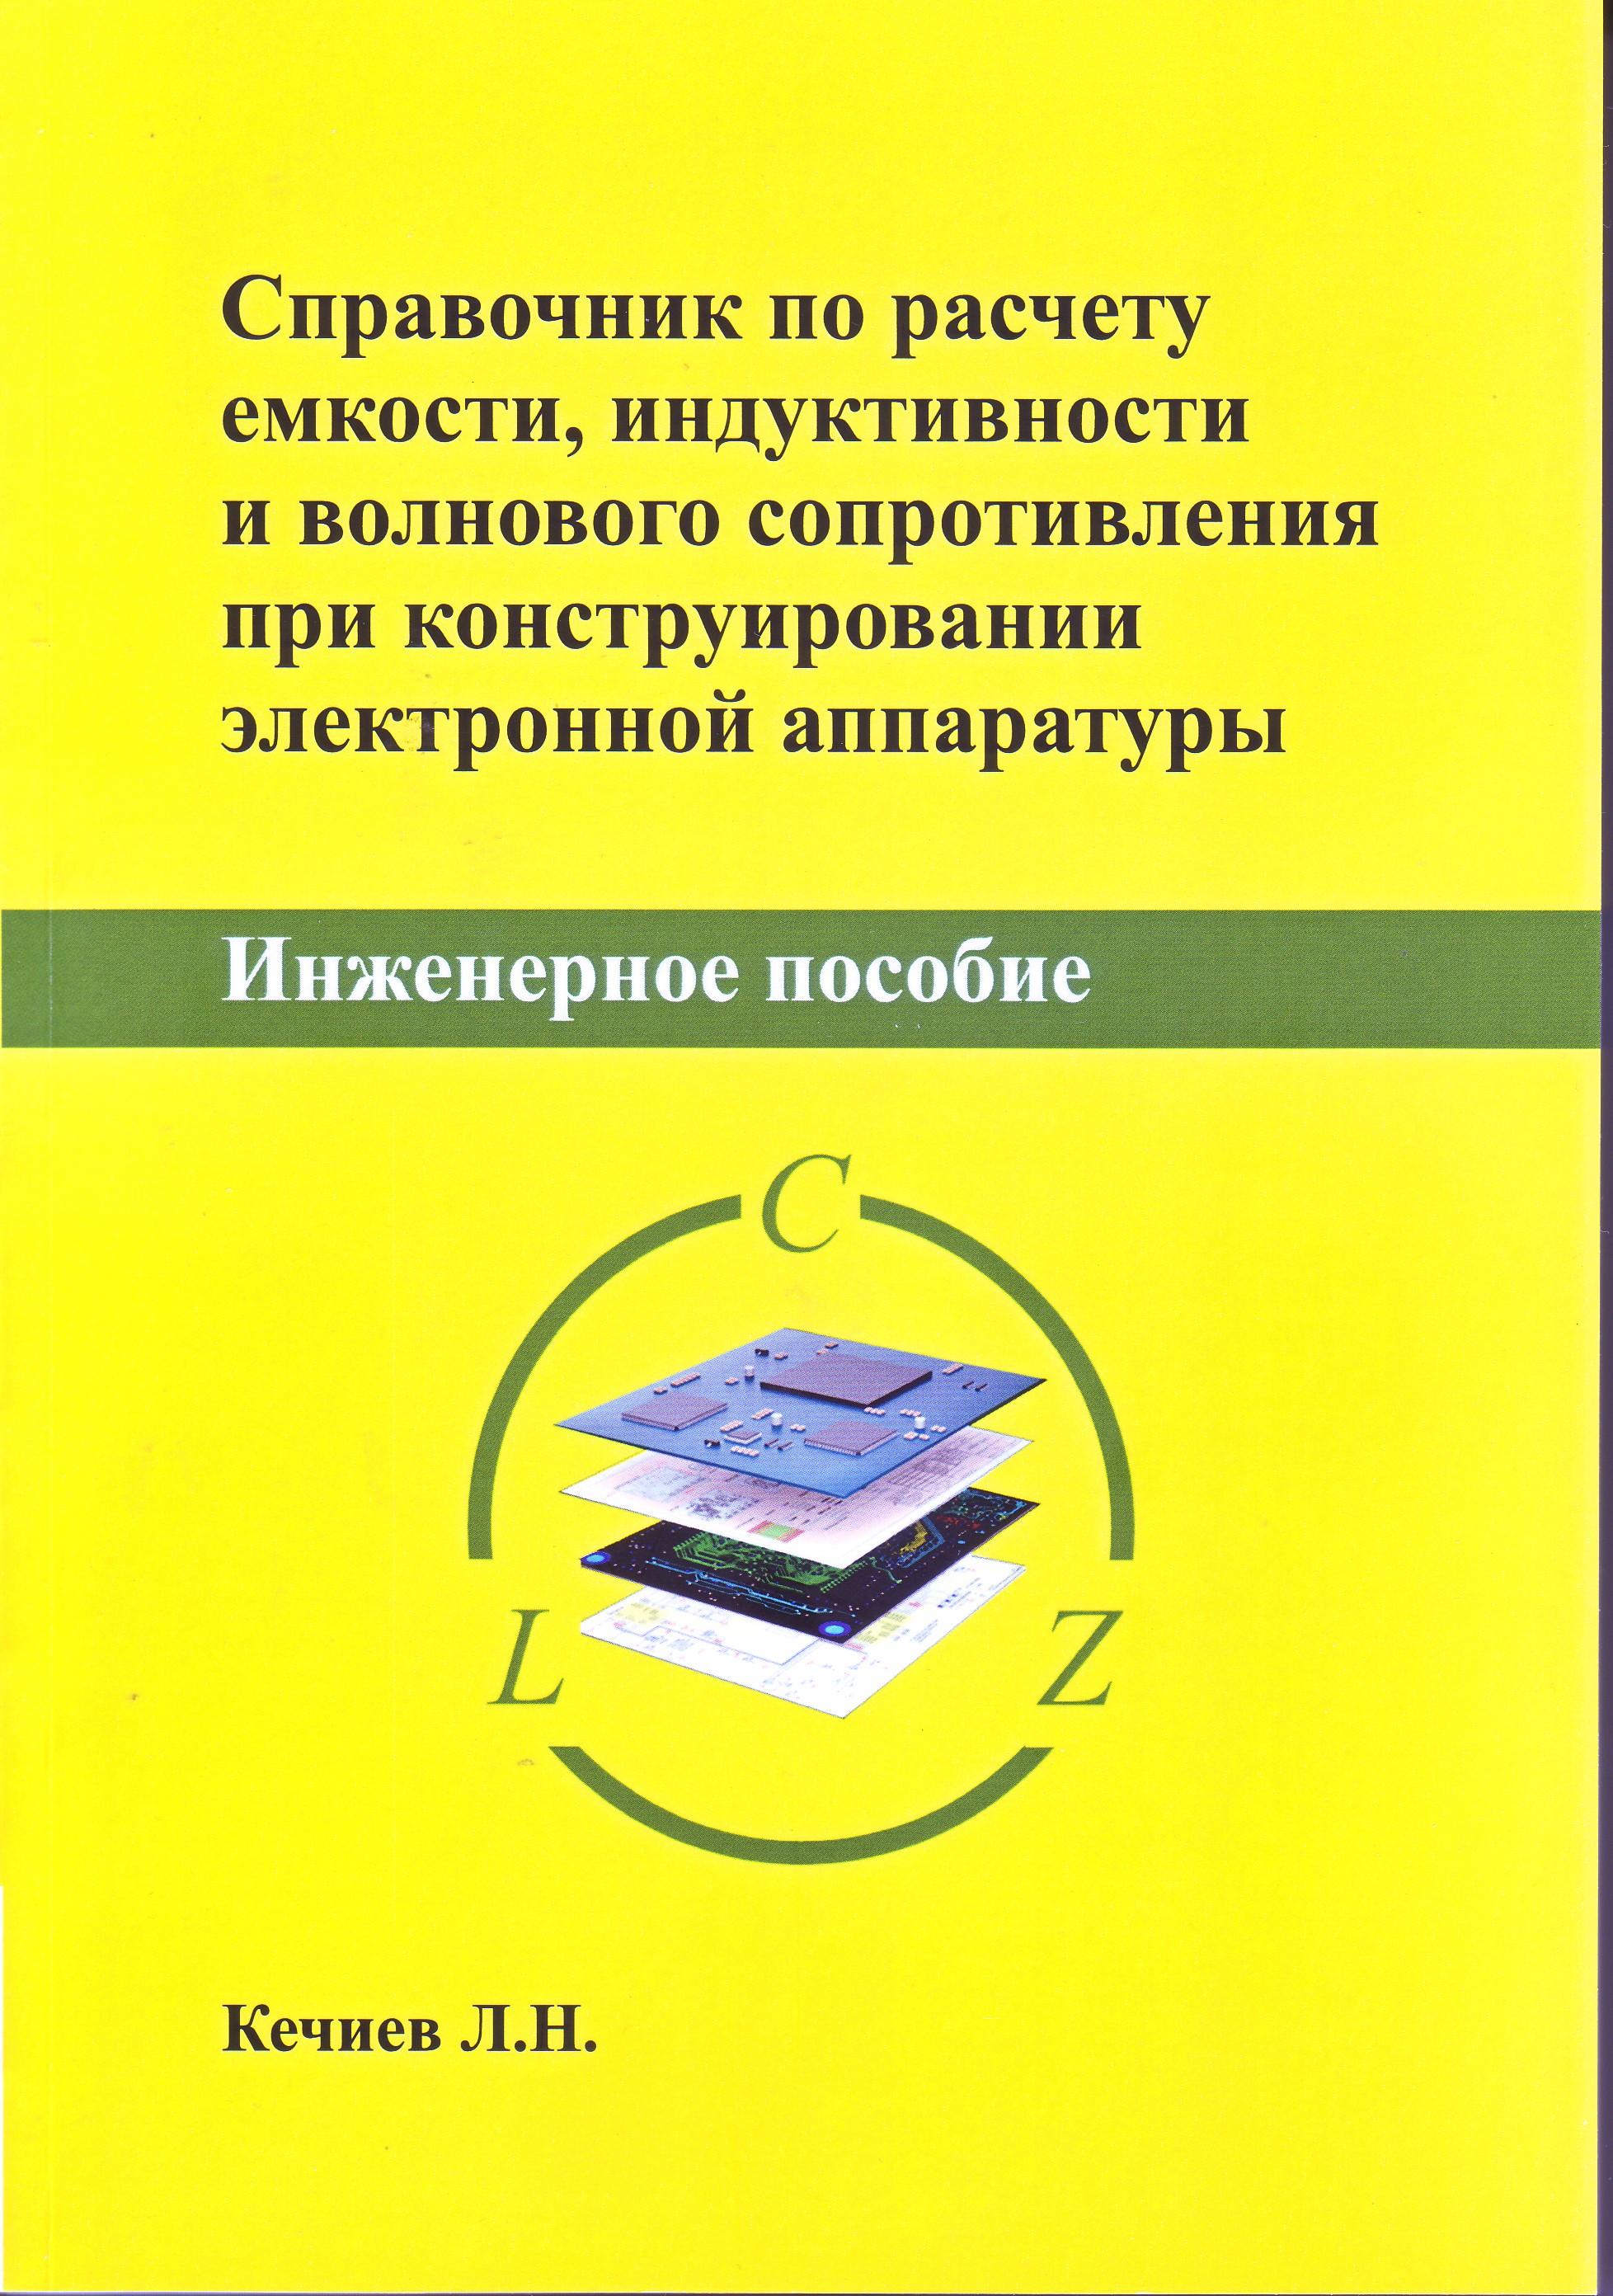 Справочник по расчету емкости, индуктивности и волнового сопротивления в электронной аппаратуре